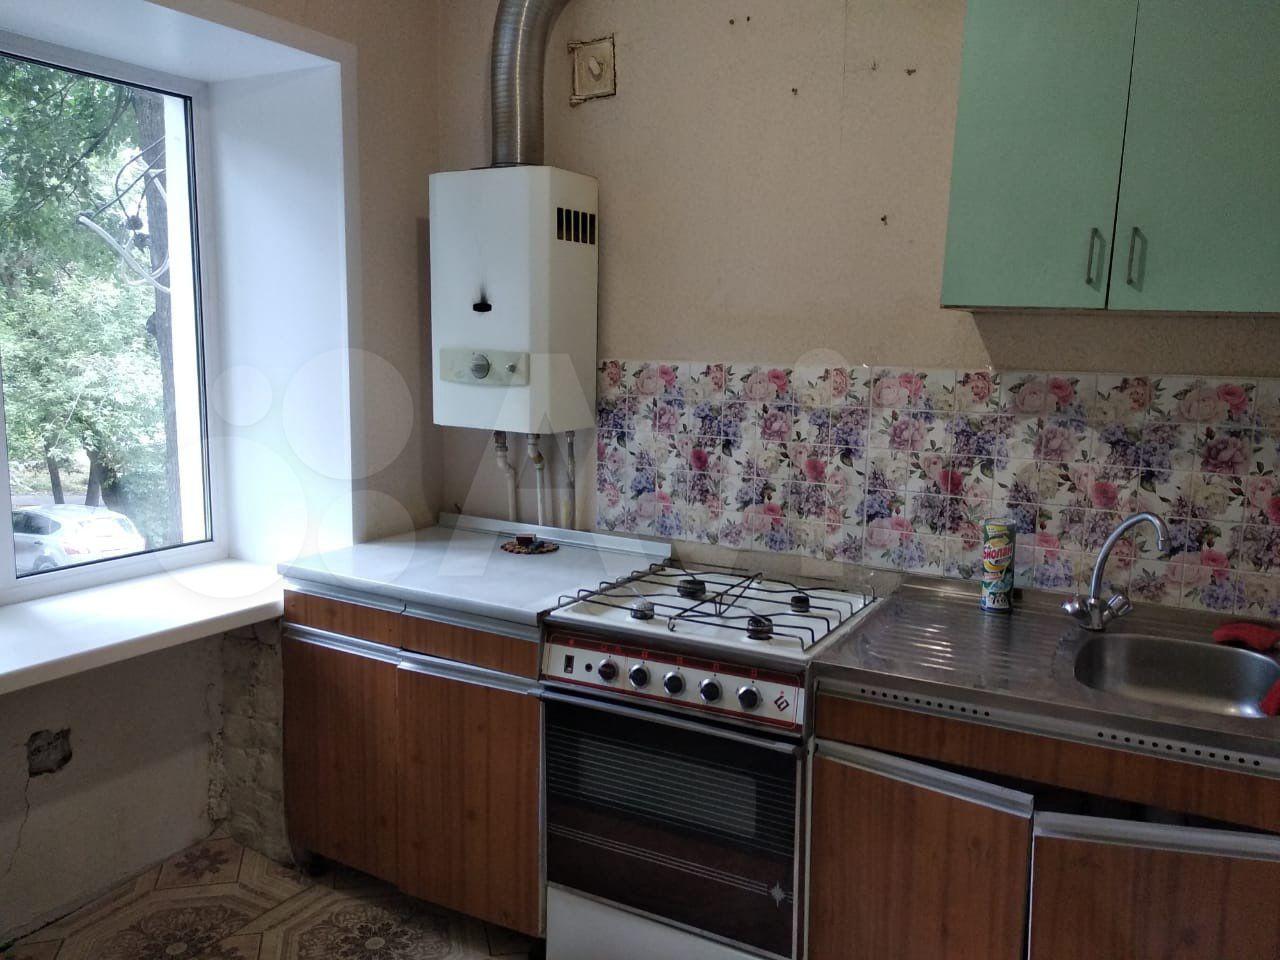 1-к квартира, 30 м², 2/4 эт.  89600904950 купить 1